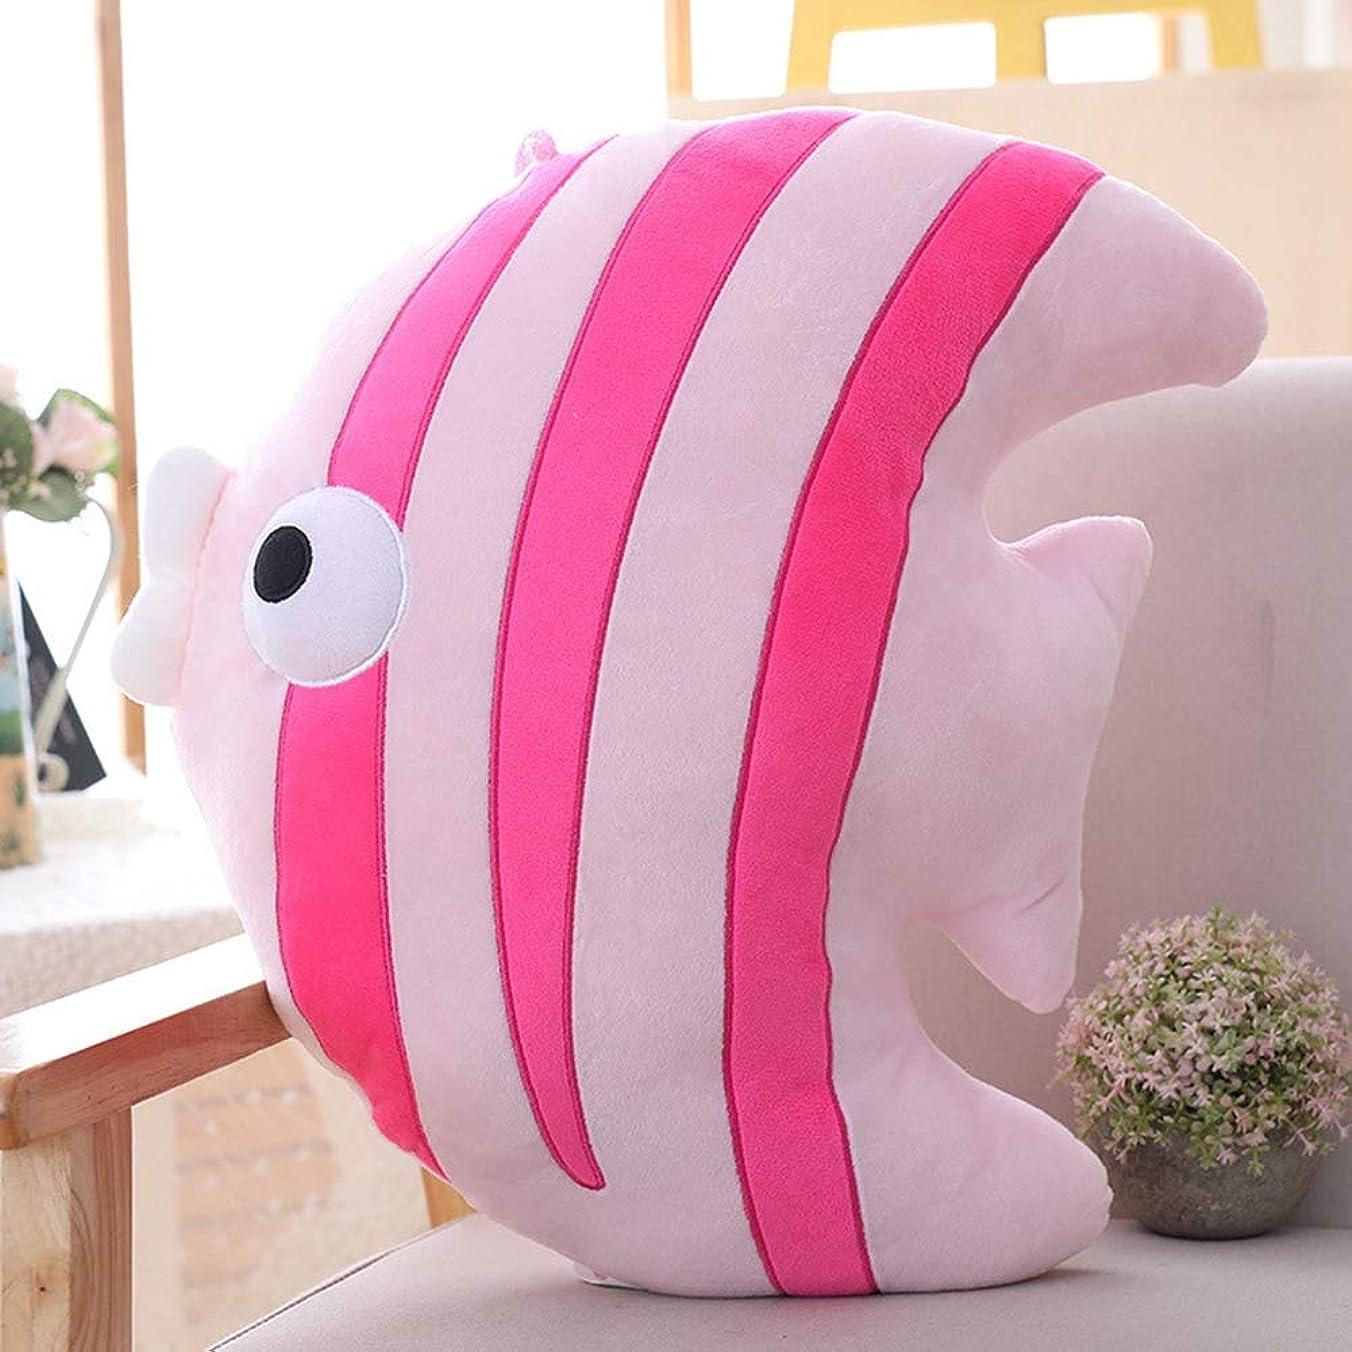 レンジ大理石オーバーヘッドぬいぐるみ 熱帯魚 綺麗 抱き枕 可愛い クッション性 椅子 テーブル ソファー ベッド 休み取る 部屋飾り オフィス置物 おしゃれ お祝い バレンタイン お誕生日プレゼント ギフト 贈り物 ピンク50CM